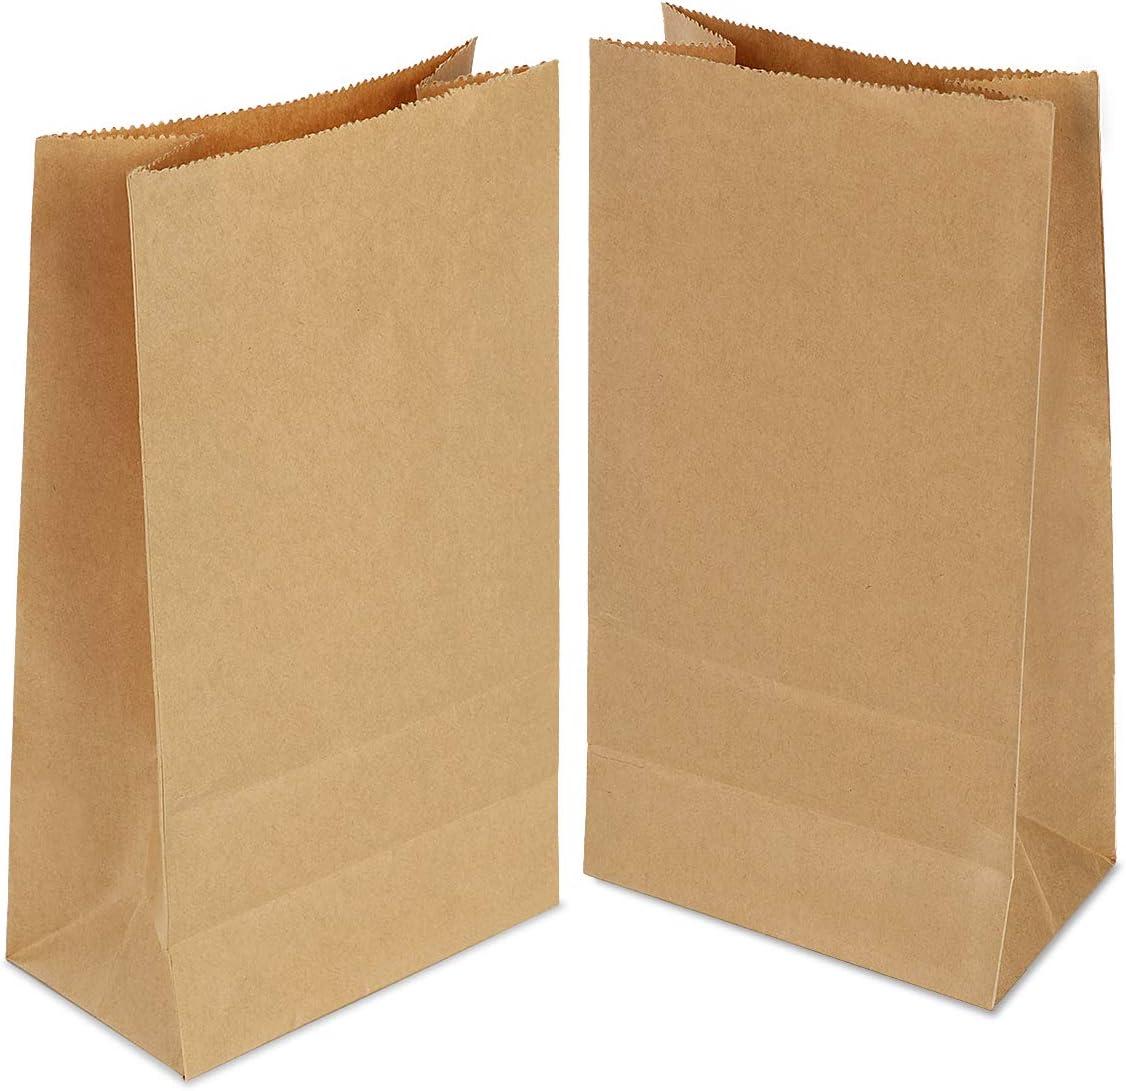 100 piezas Bolsas de Papel Regalo 24x14x8 cm - Bolsa Biodegradable Regalos Comunión para Invitados o para Guardar Comida, Semillas Flores, Dulces, Chuches, Pan - Bolsitas Kraft Marrón